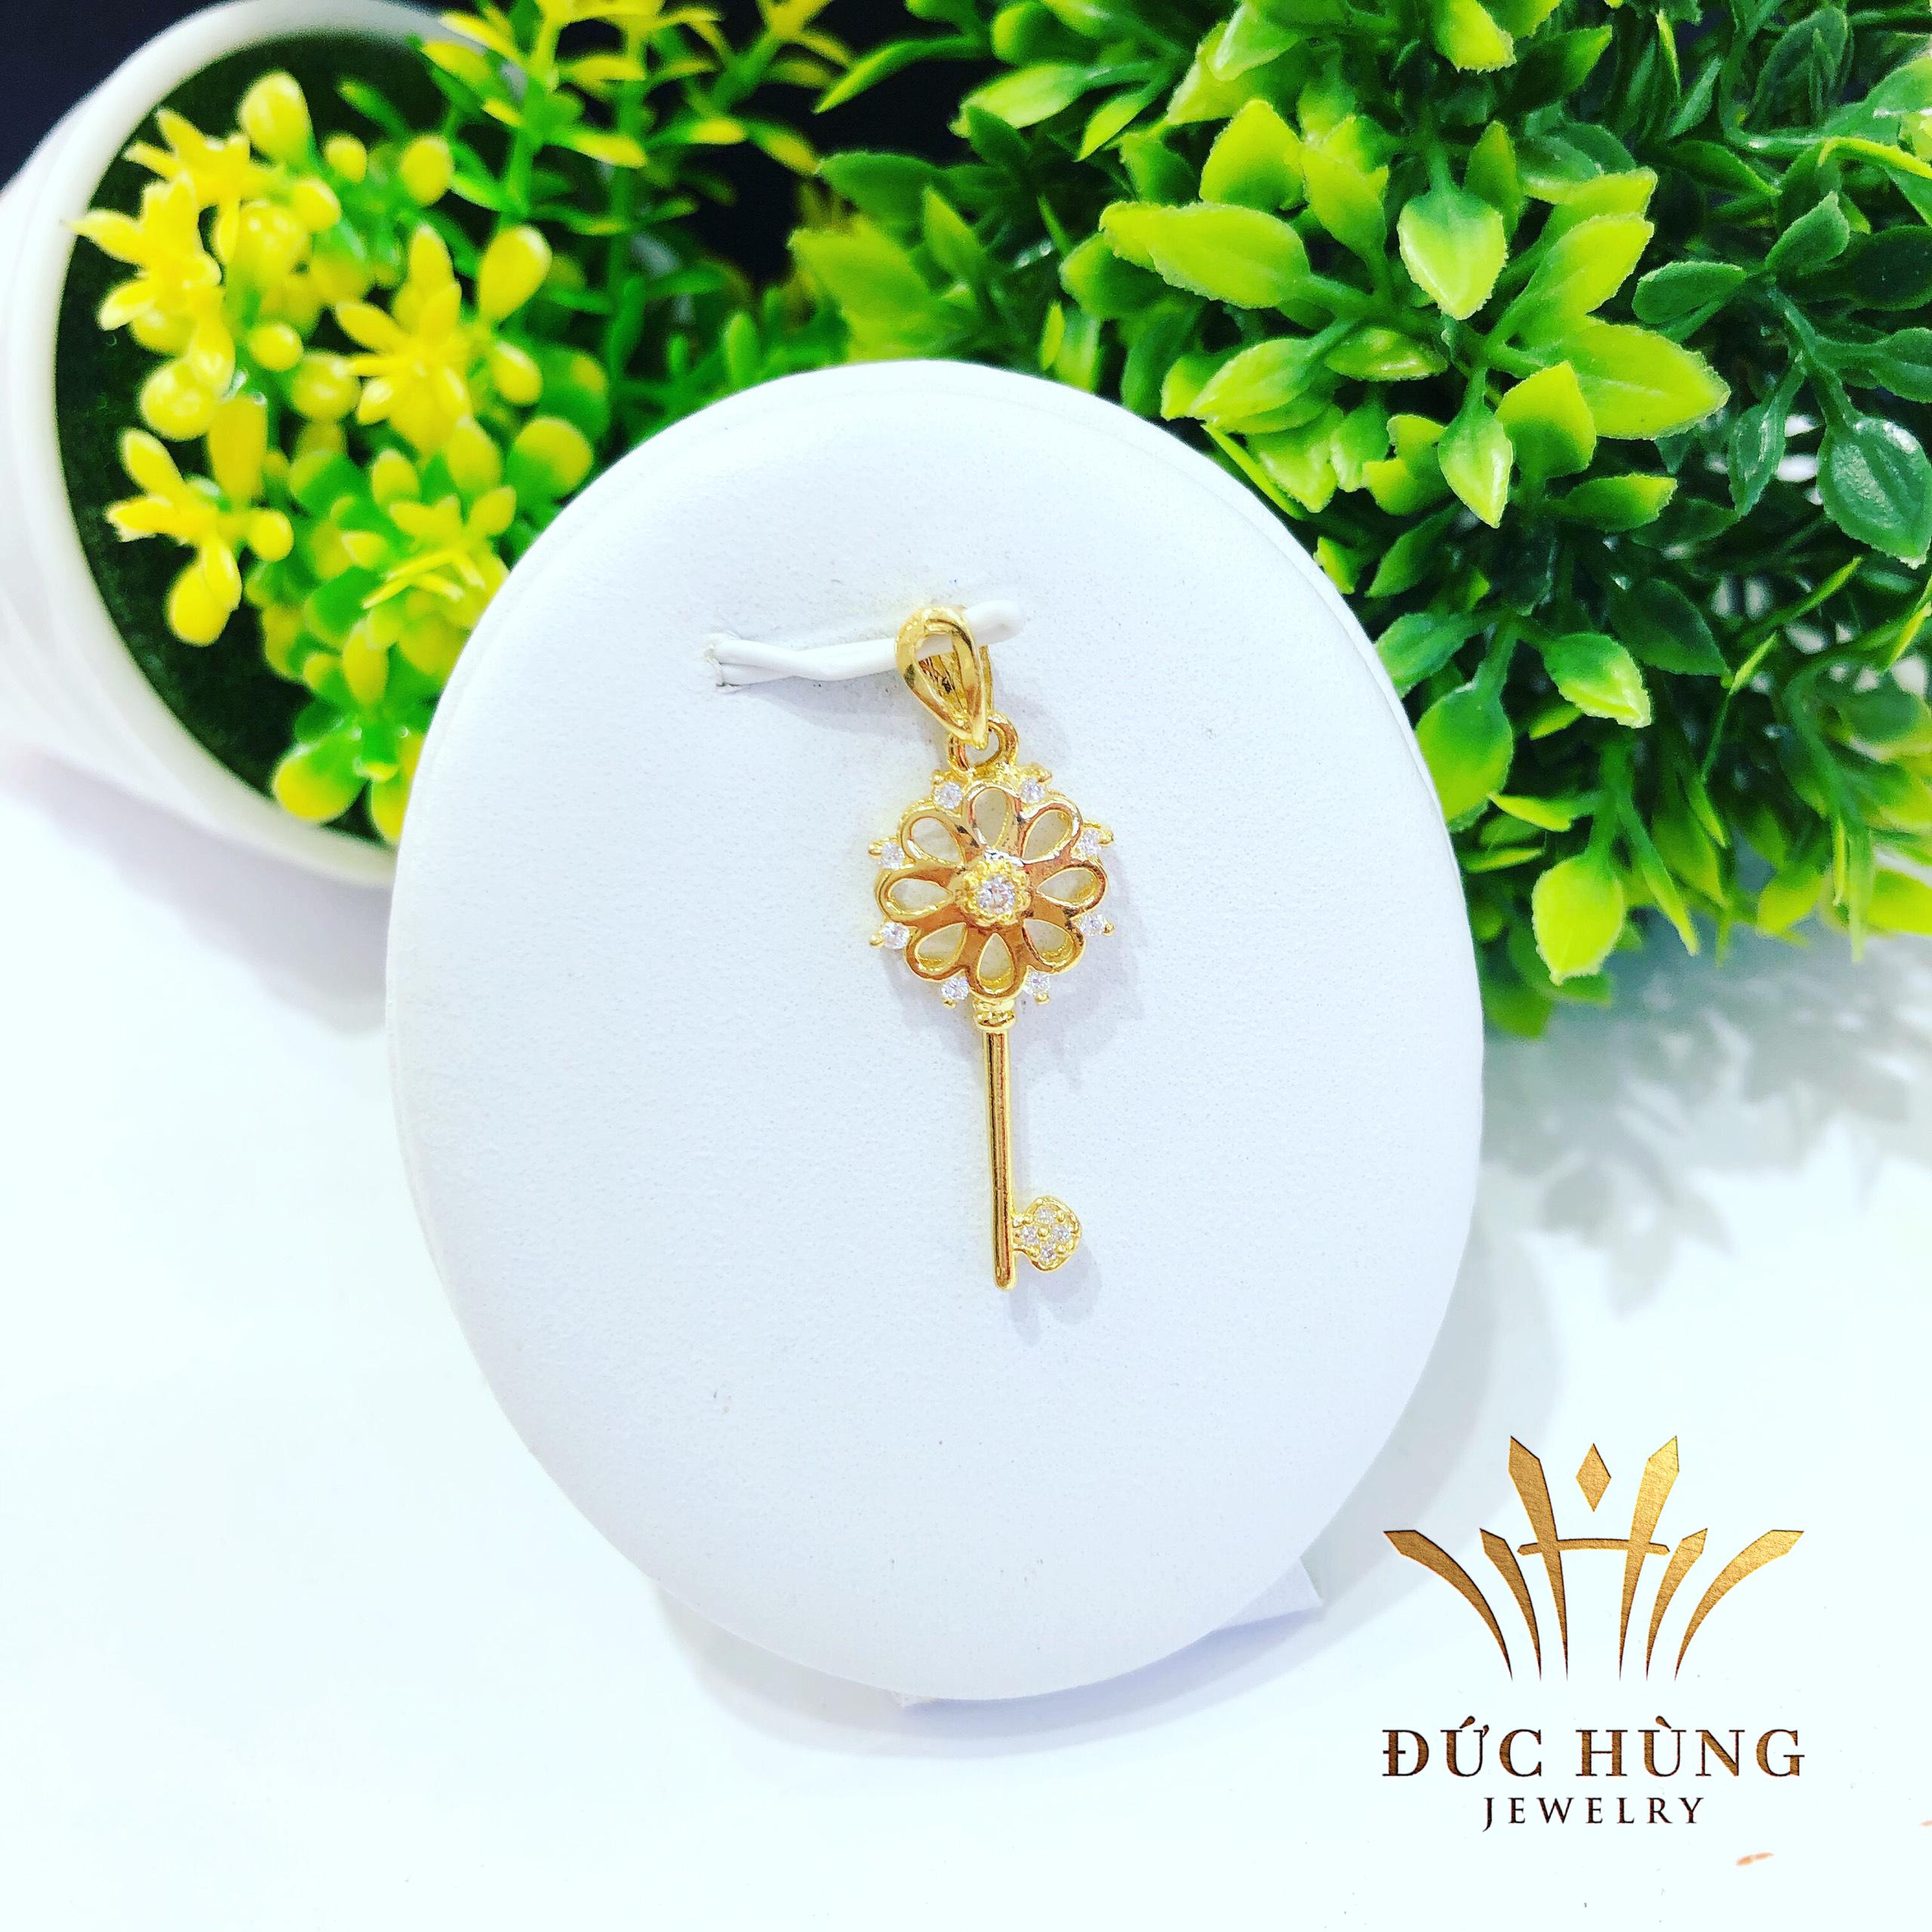 Dây chuyền vàng nữ hình chìa khóa